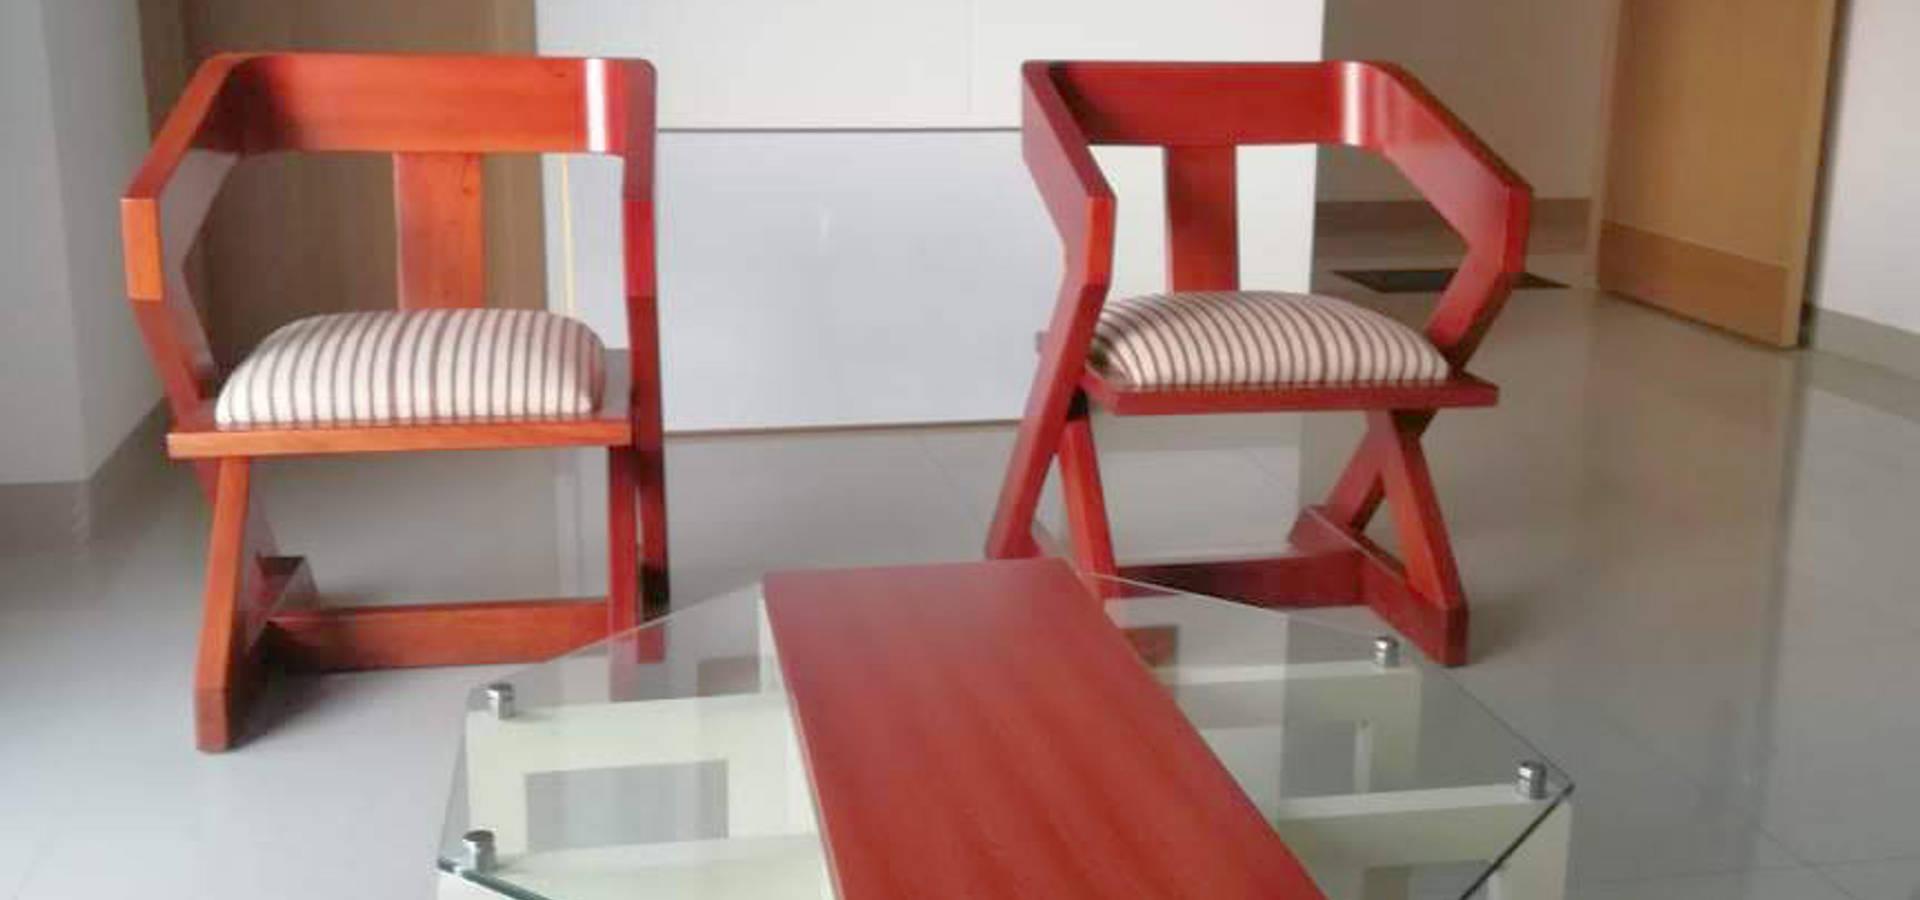 Etnia – Mobiliario e Interiorismo